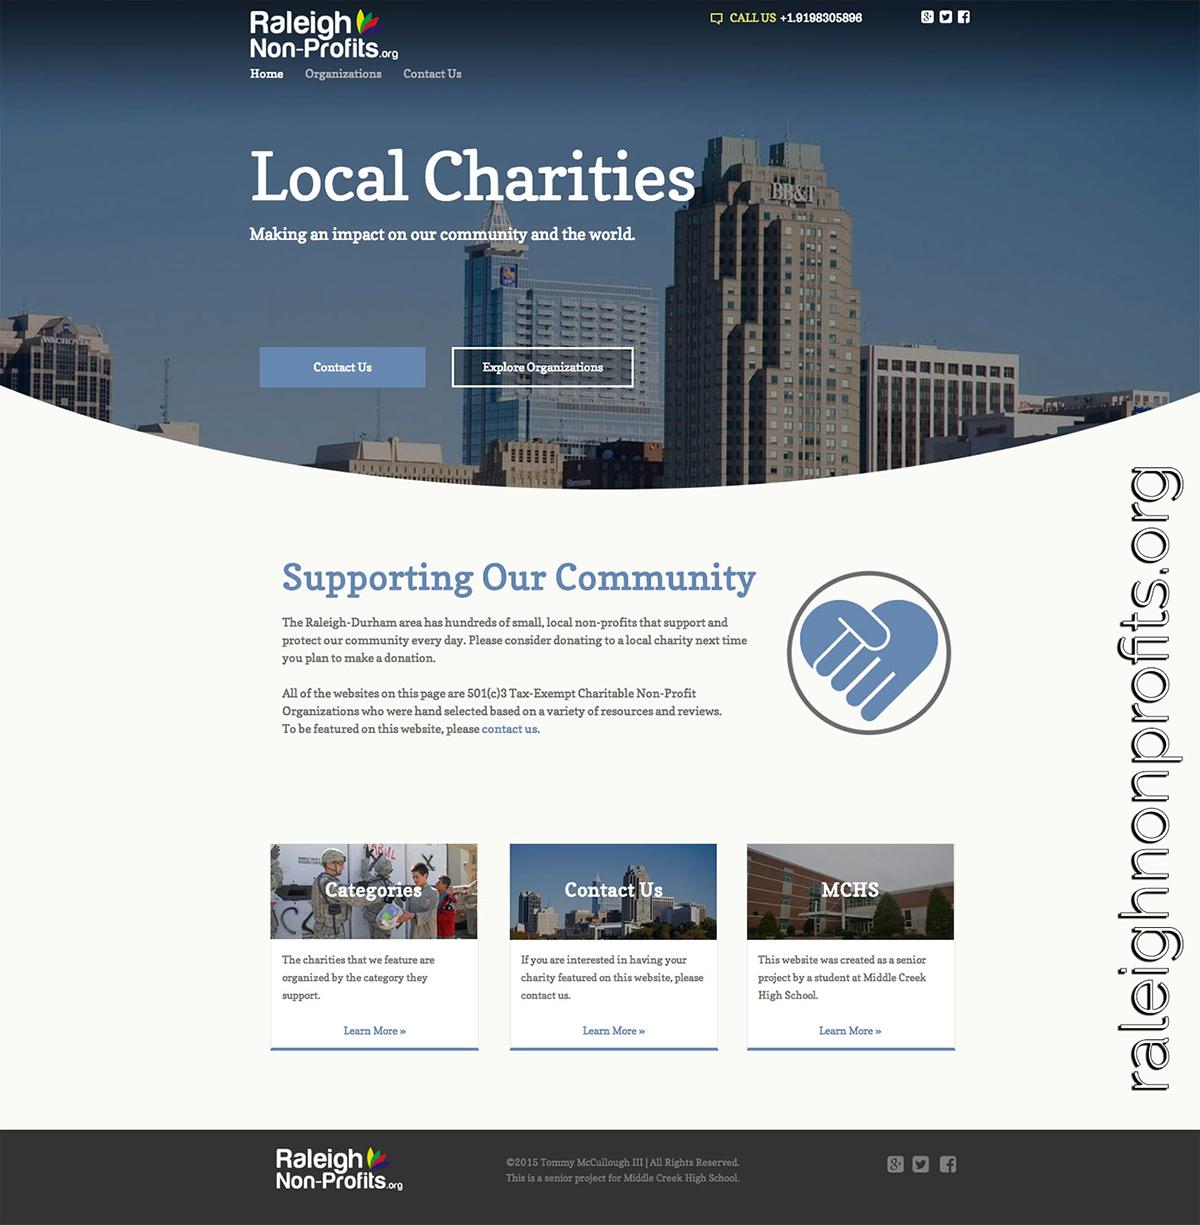 Raleigh Non-Profits Website & Logo